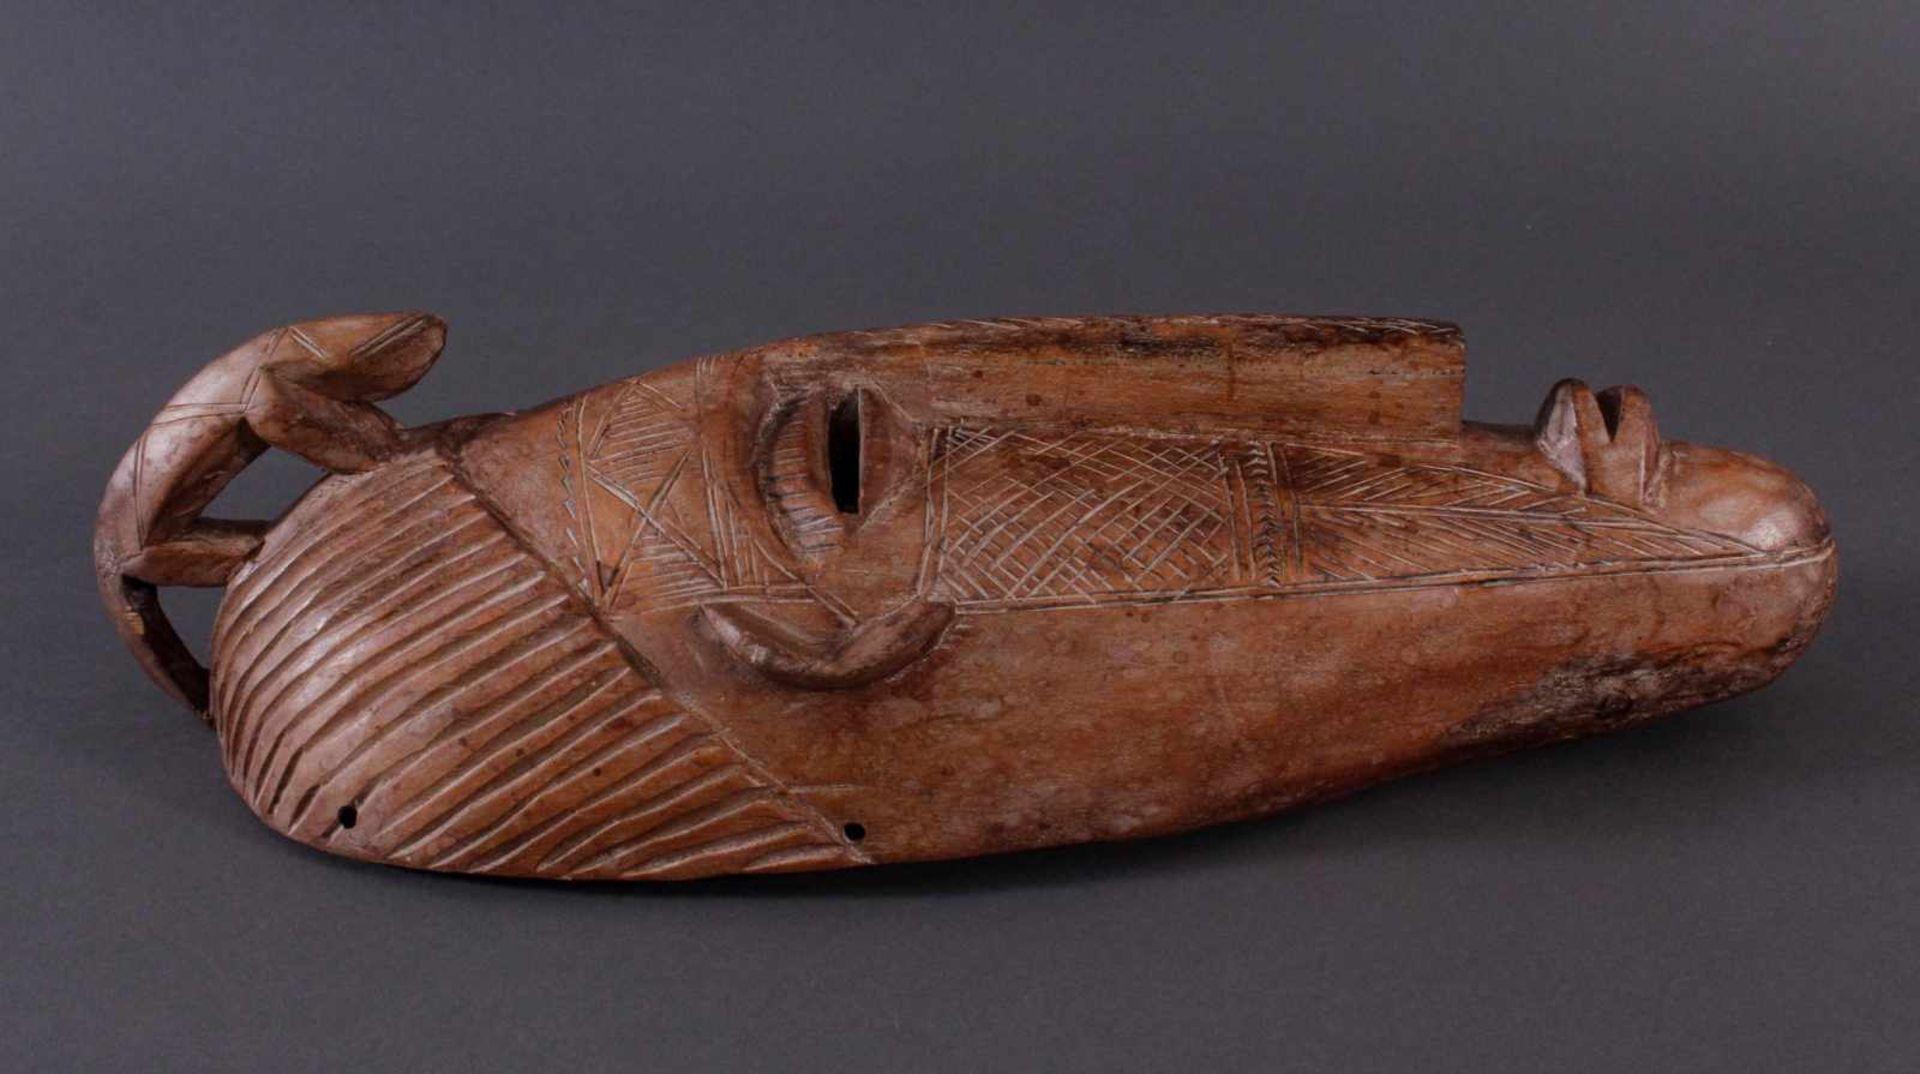 Antike Maske, Bambara, Mali 1. Hälfte 20. Jh.Holz geschnitzt, Musterritzungen, mit Chamäleon- - Bild 2 aus 6